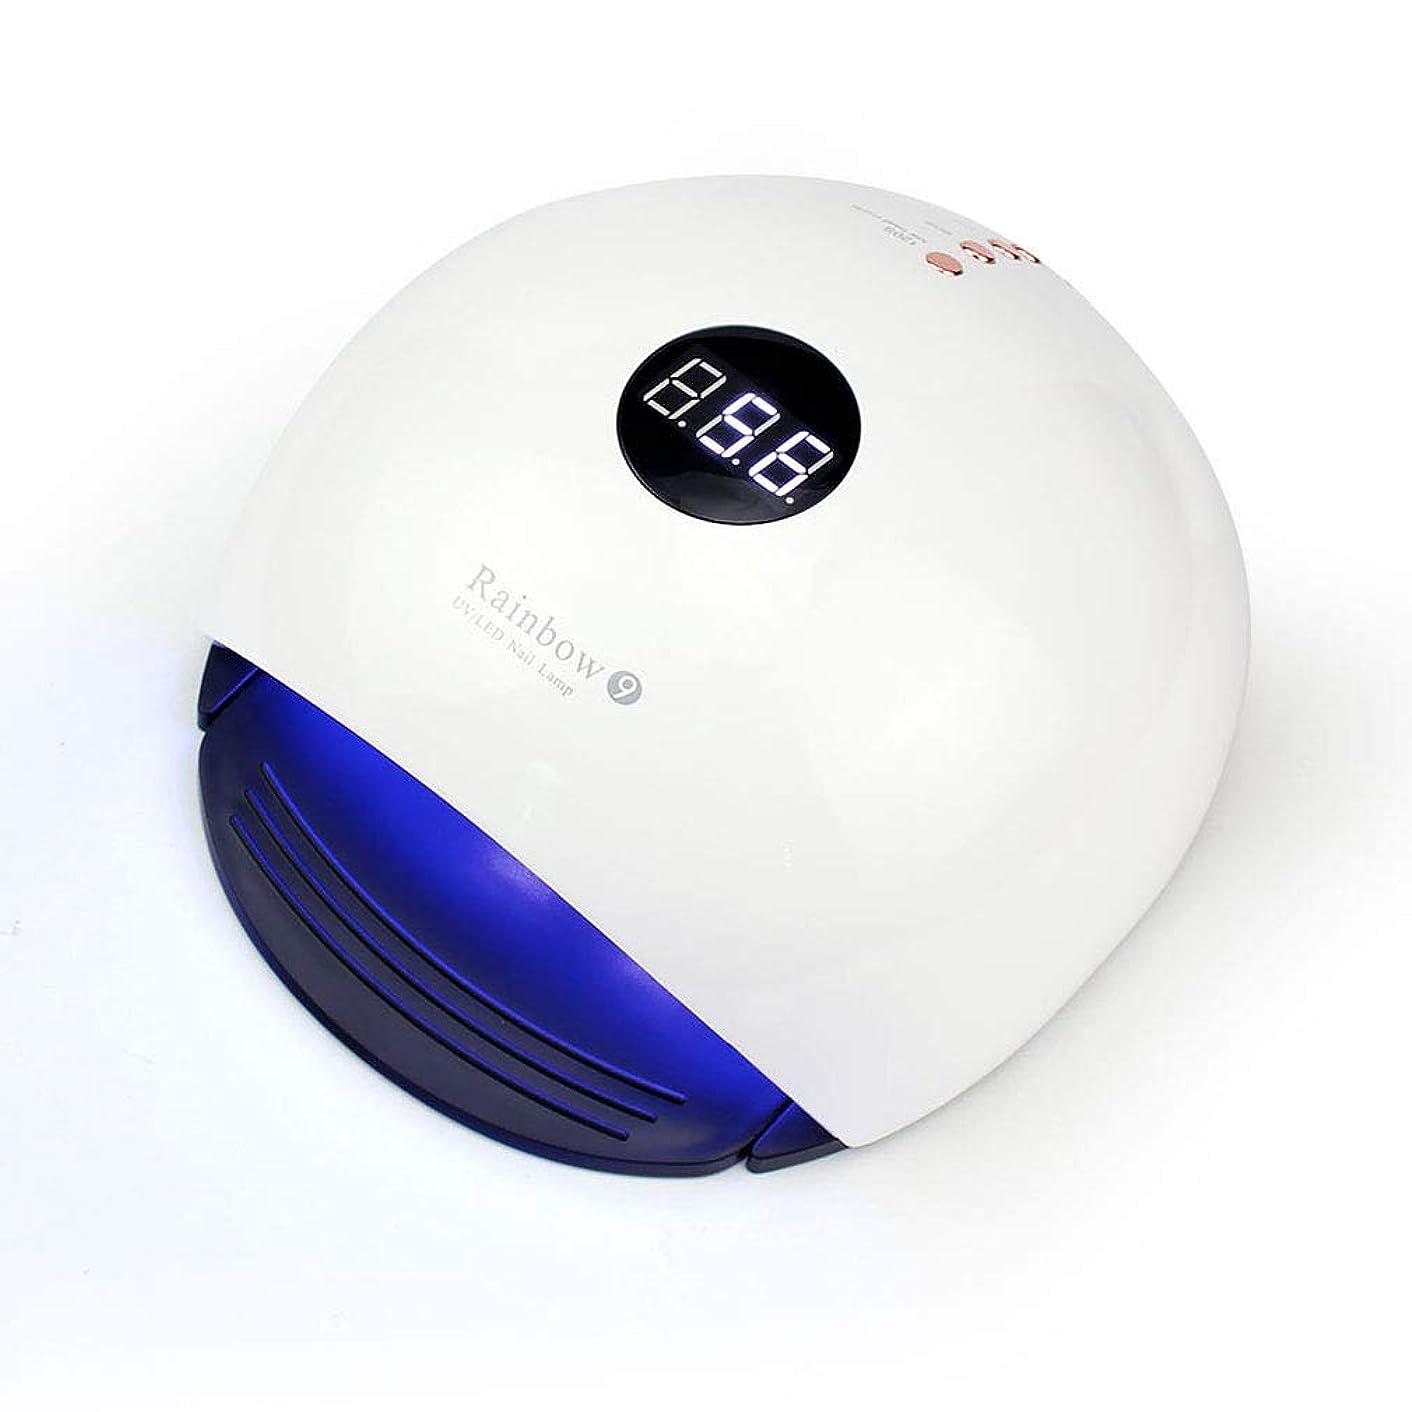 アーサーコナンドイル苦行弱いスマートなランプ機能、30秒/ 60秒の時間設定および99秒の低熱のゲルのマニキュアのシェラックのための48WネイルドライヤーUV LEDランプ